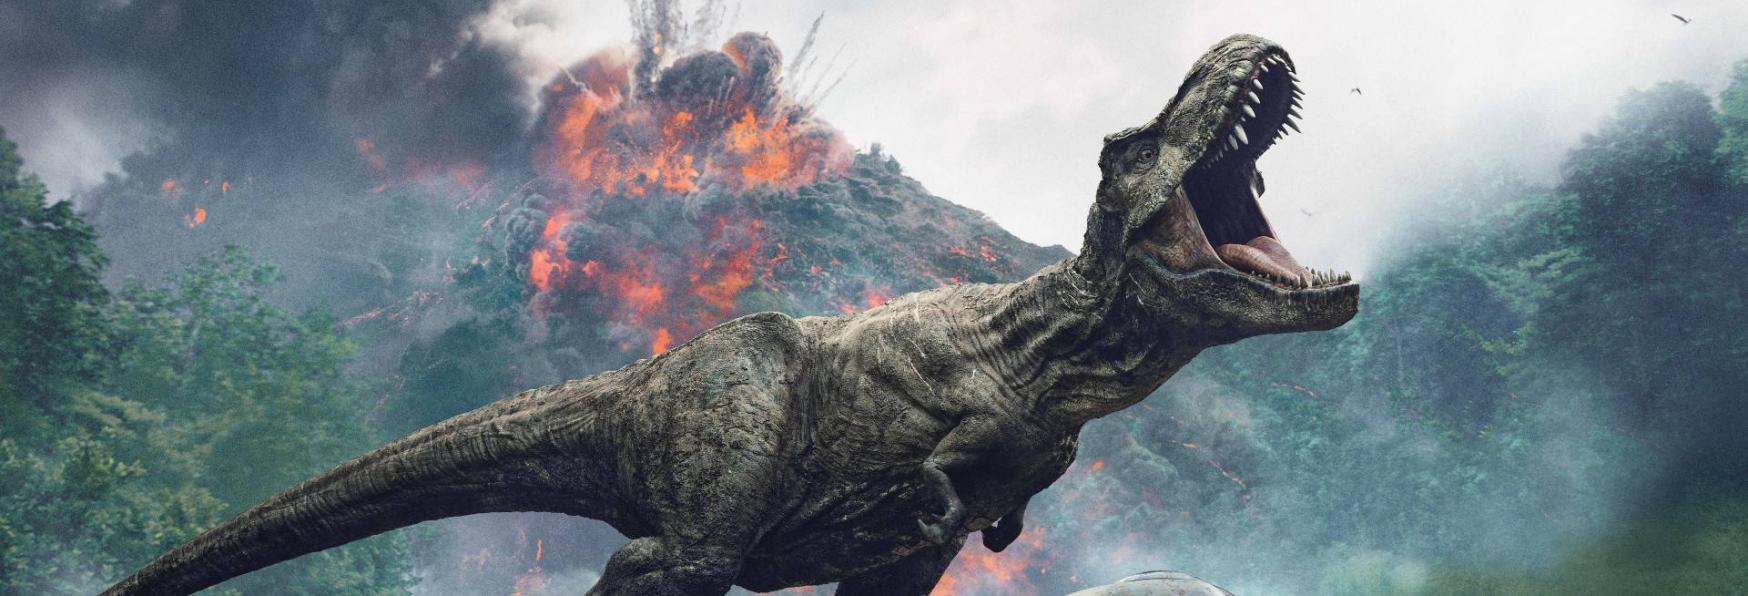 Jurassic World: in arrivo una nuova Serie TV sulla Storica Saga?